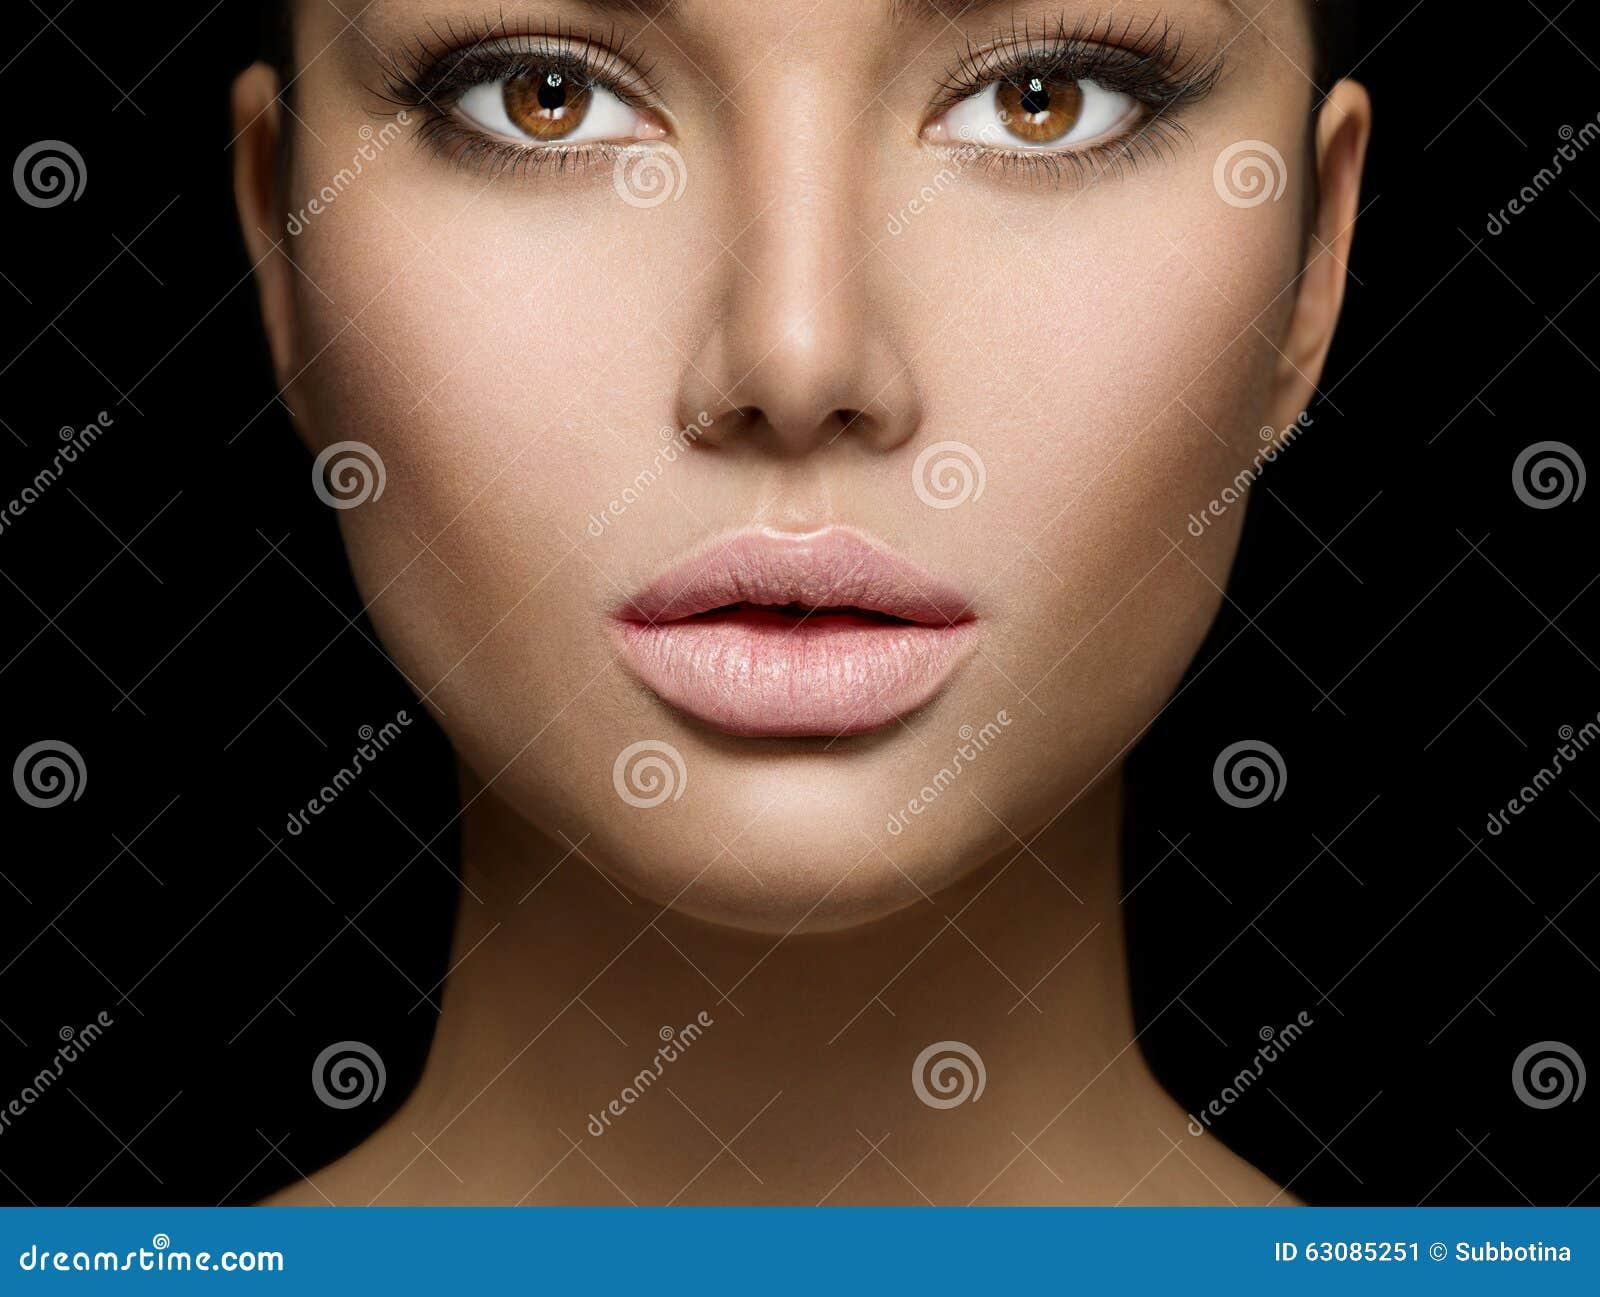 Download Plan Rapproché De Portrait De Visage De Femme De Beauté Image stock - Image du closeup, caucasien: 63085251